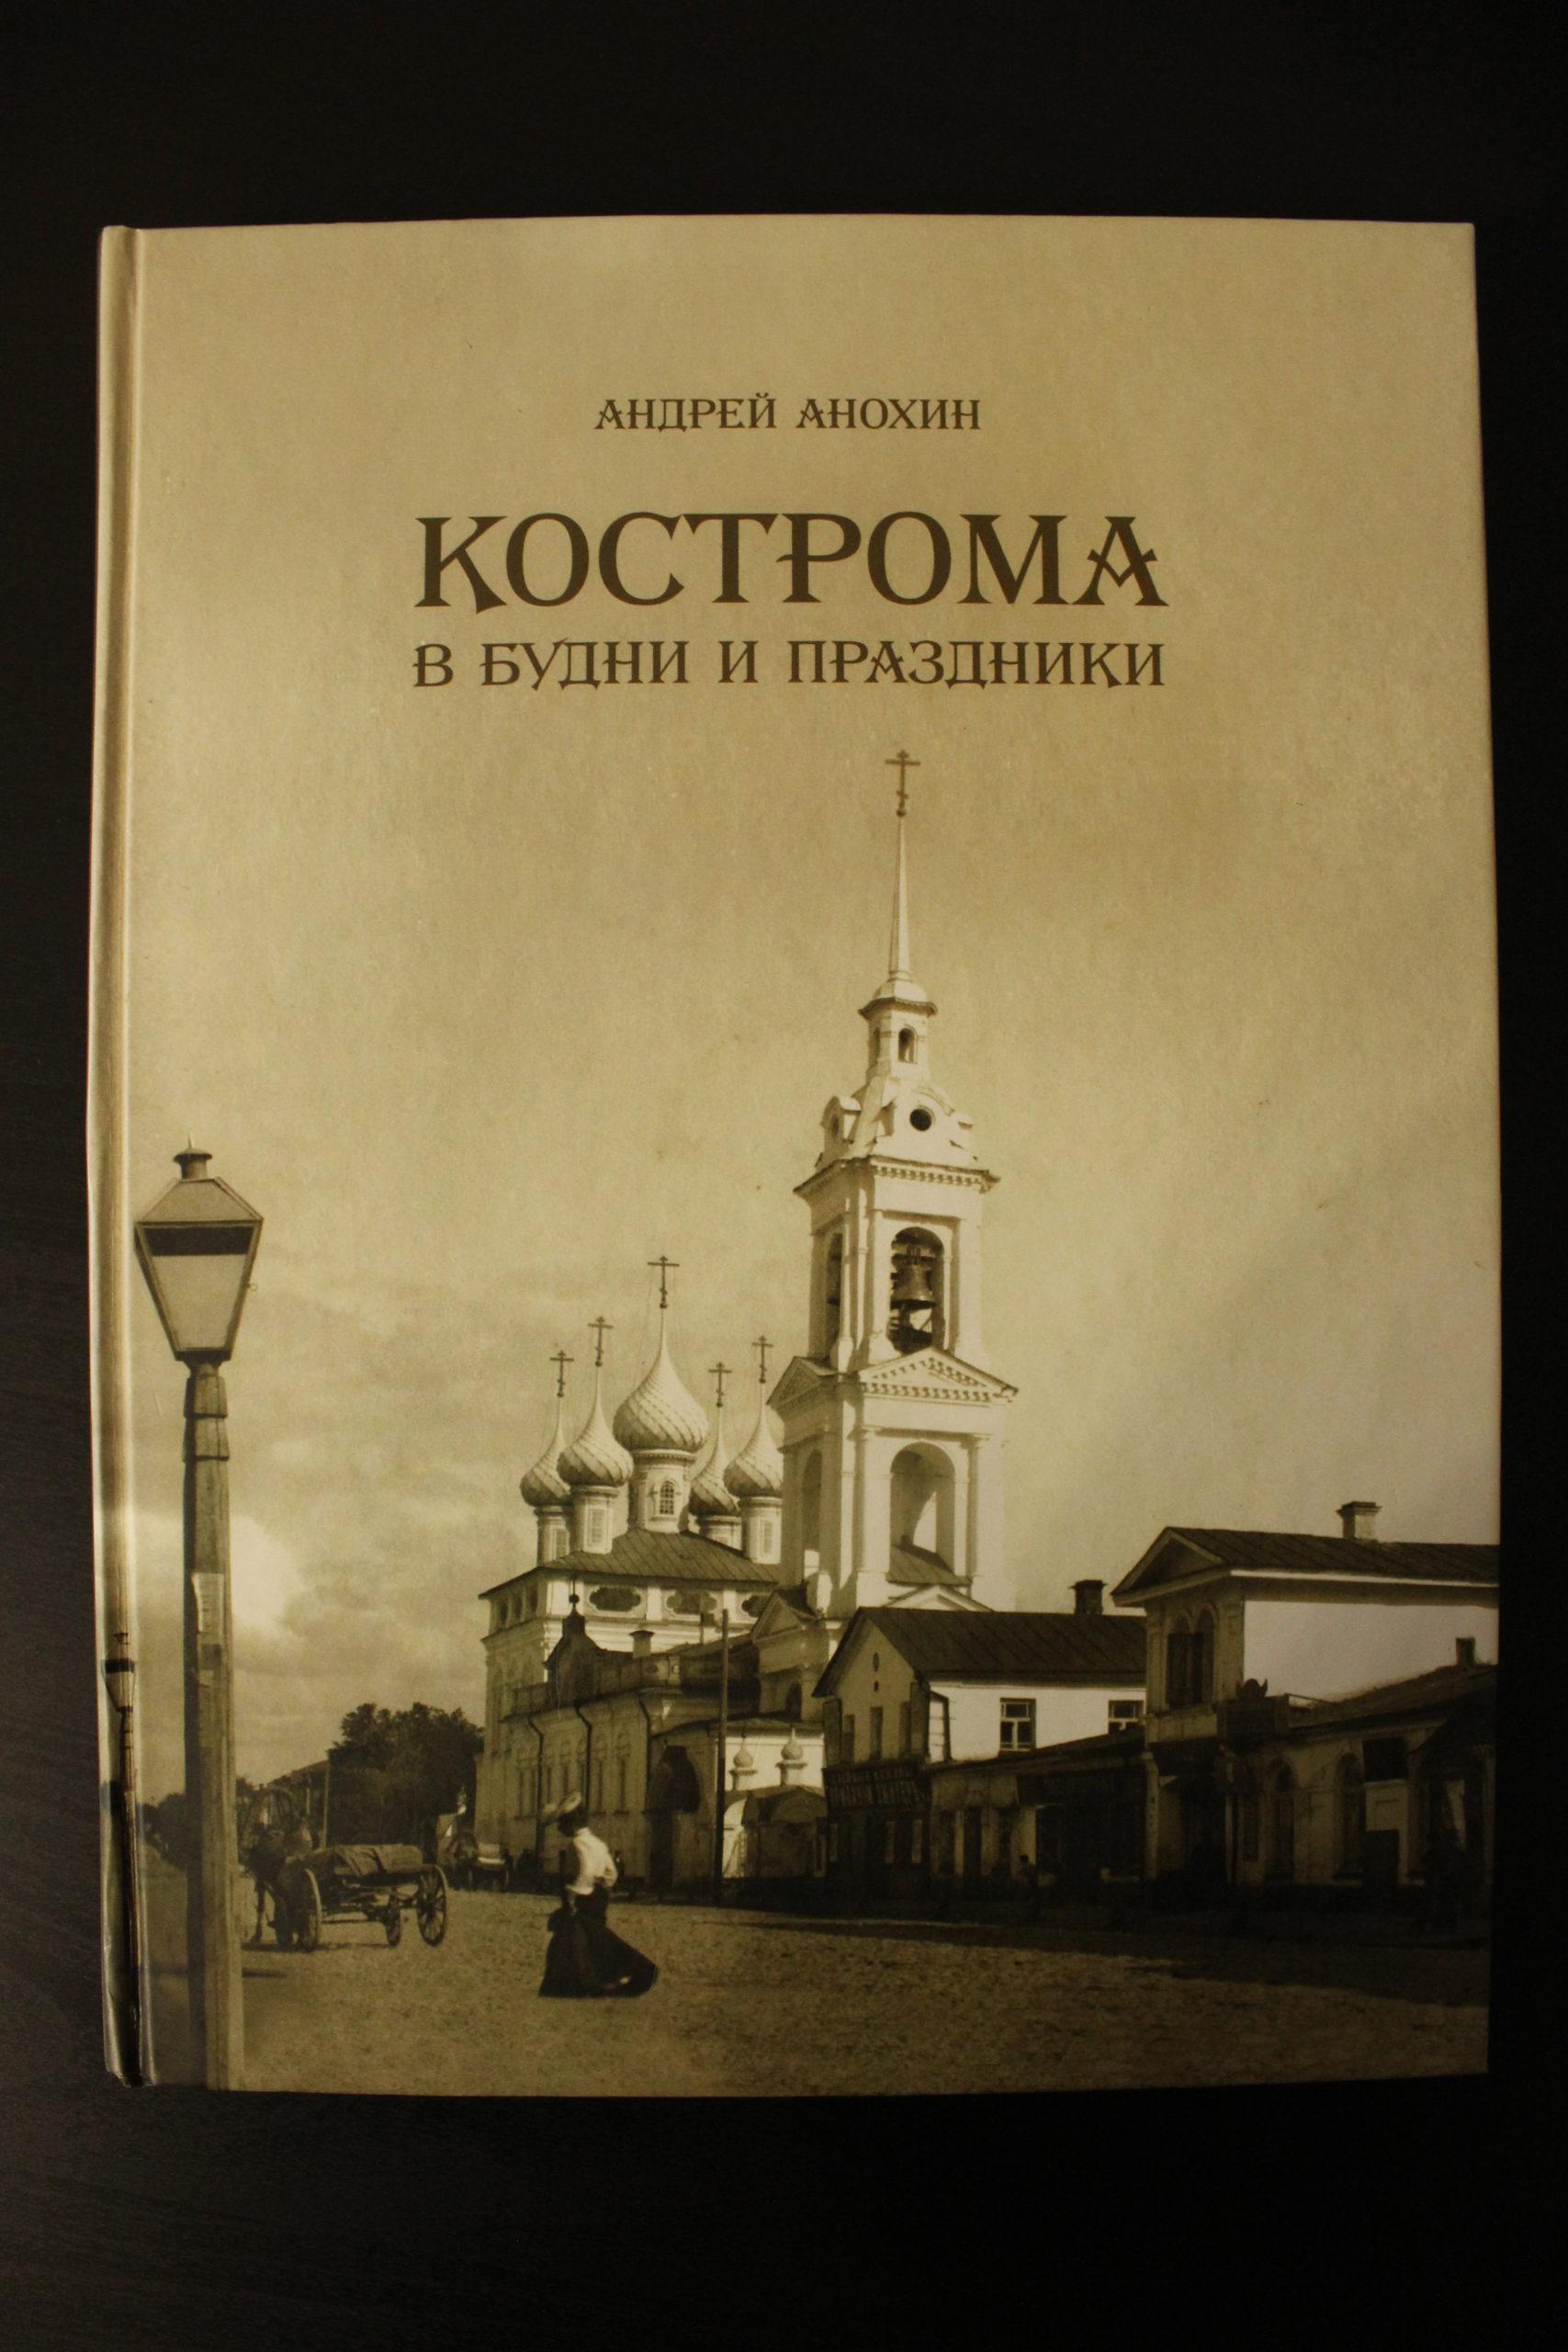 """А. Анохин """"Кострома в будни и праздники"""". Обзор книги"""